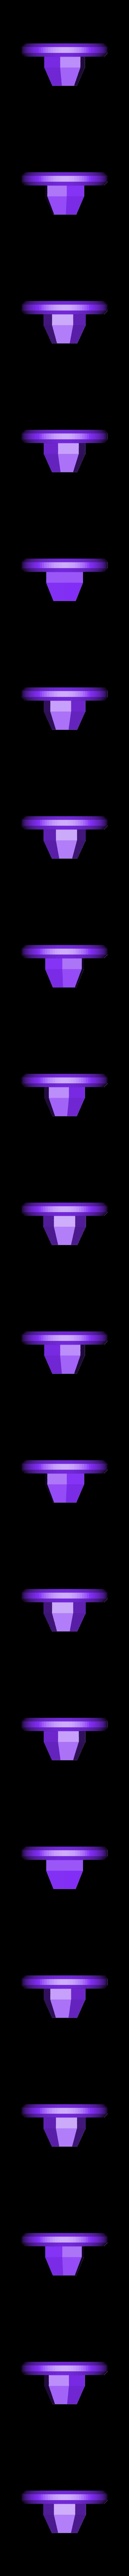 wall_lamp_bulb_holder_small.stl Télécharger fichier STL gratuit Lampe industrielle à bocal • Design à imprimer en 3D, poblocki1982